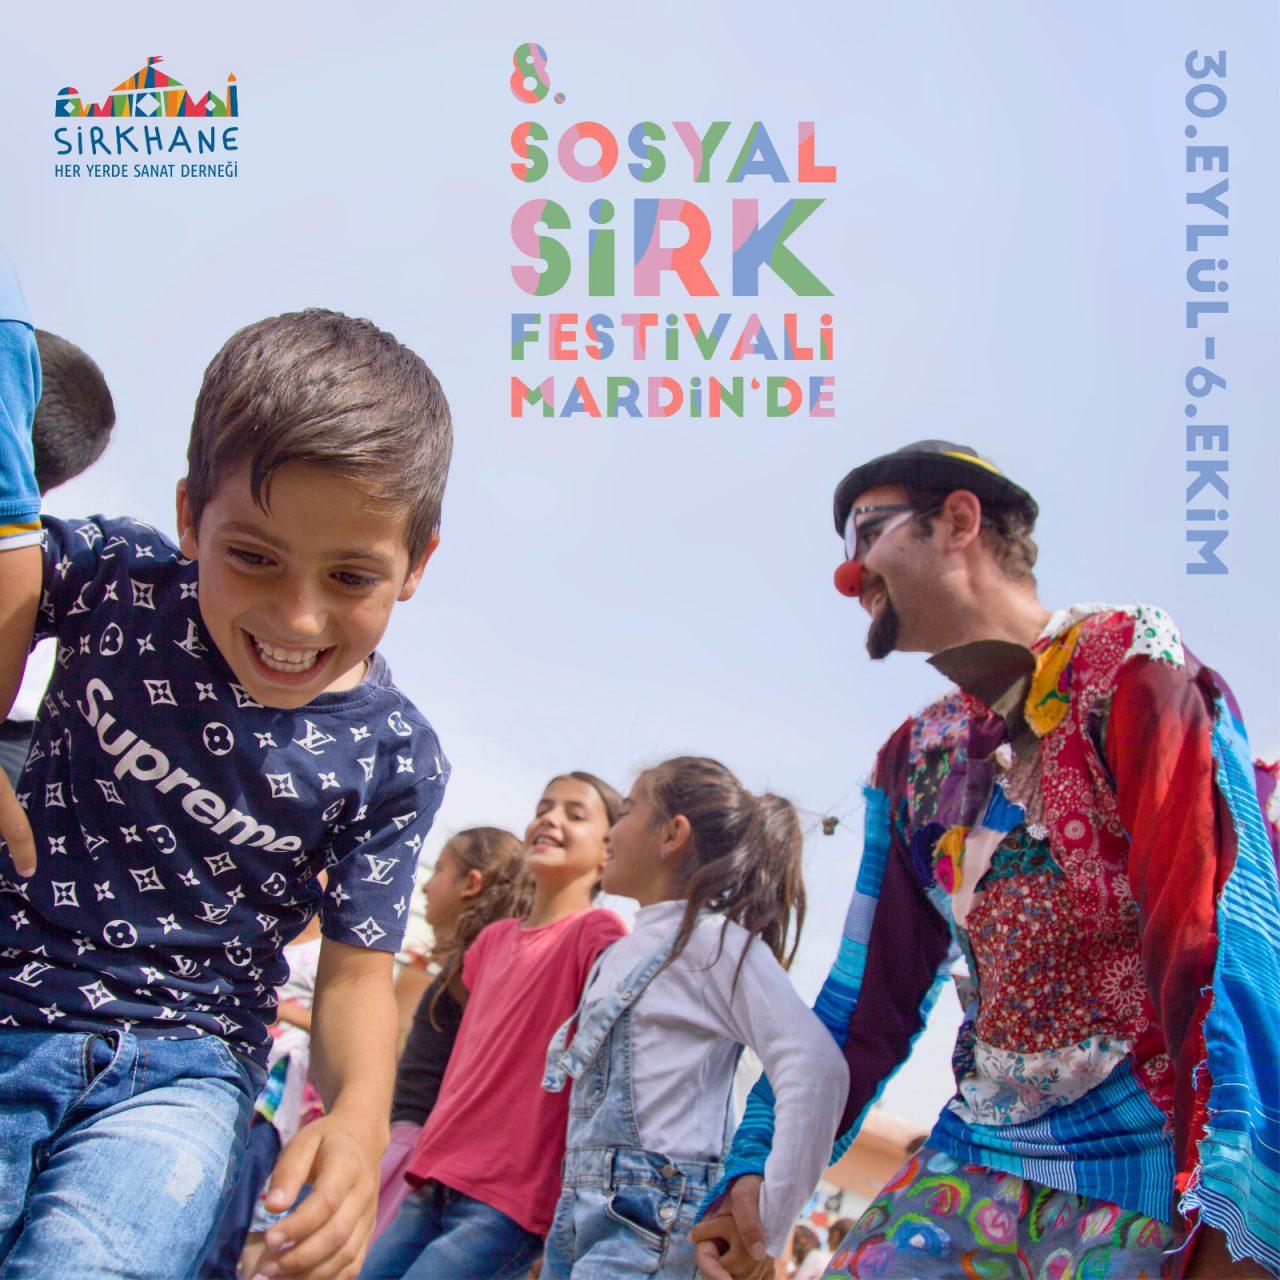 Mardin'deki 8. Sosyal Sirk Festivali'ne Sayılı Günler Kaldı